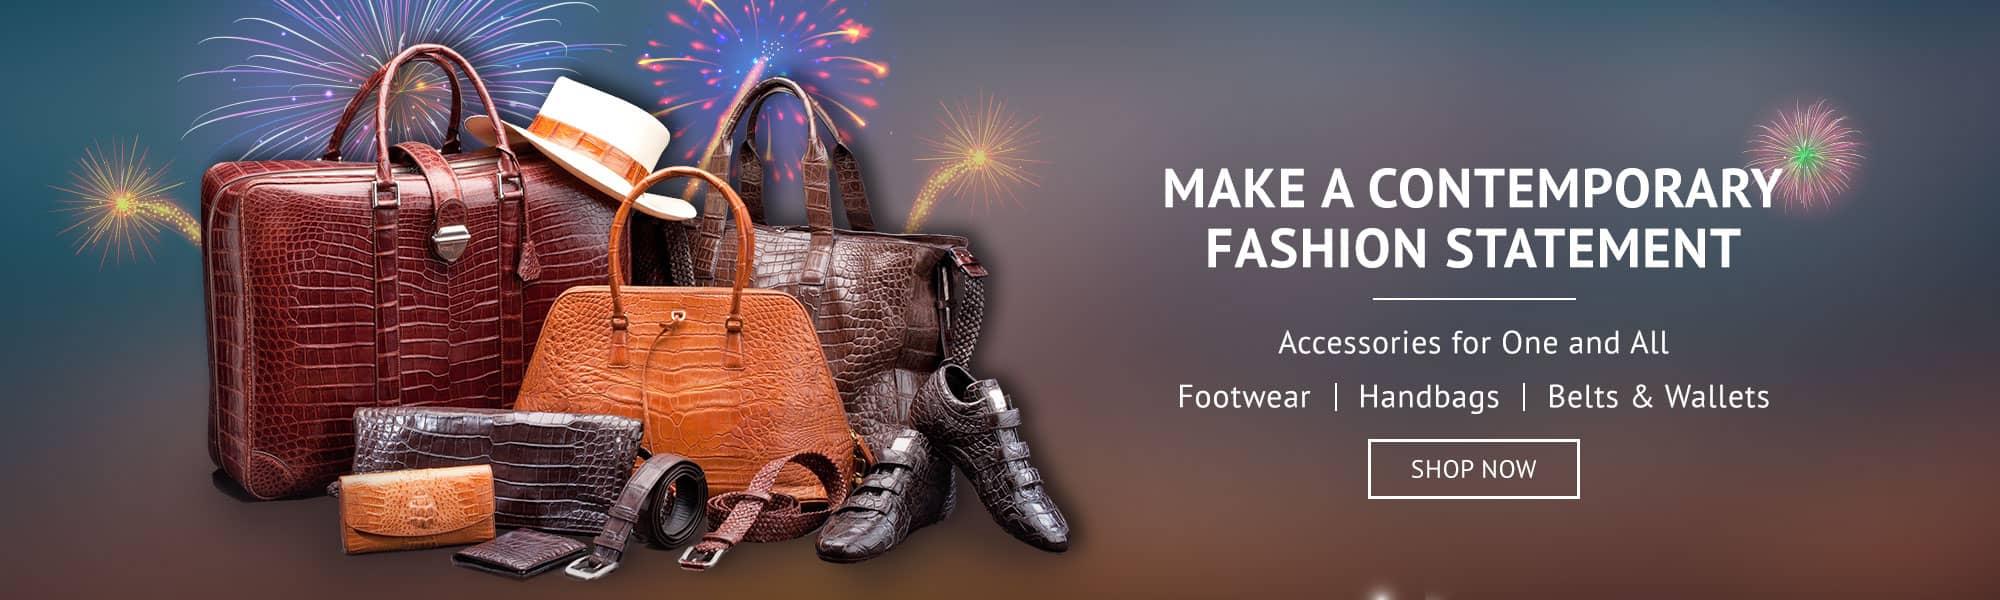 ShoppersStop Diwali offers